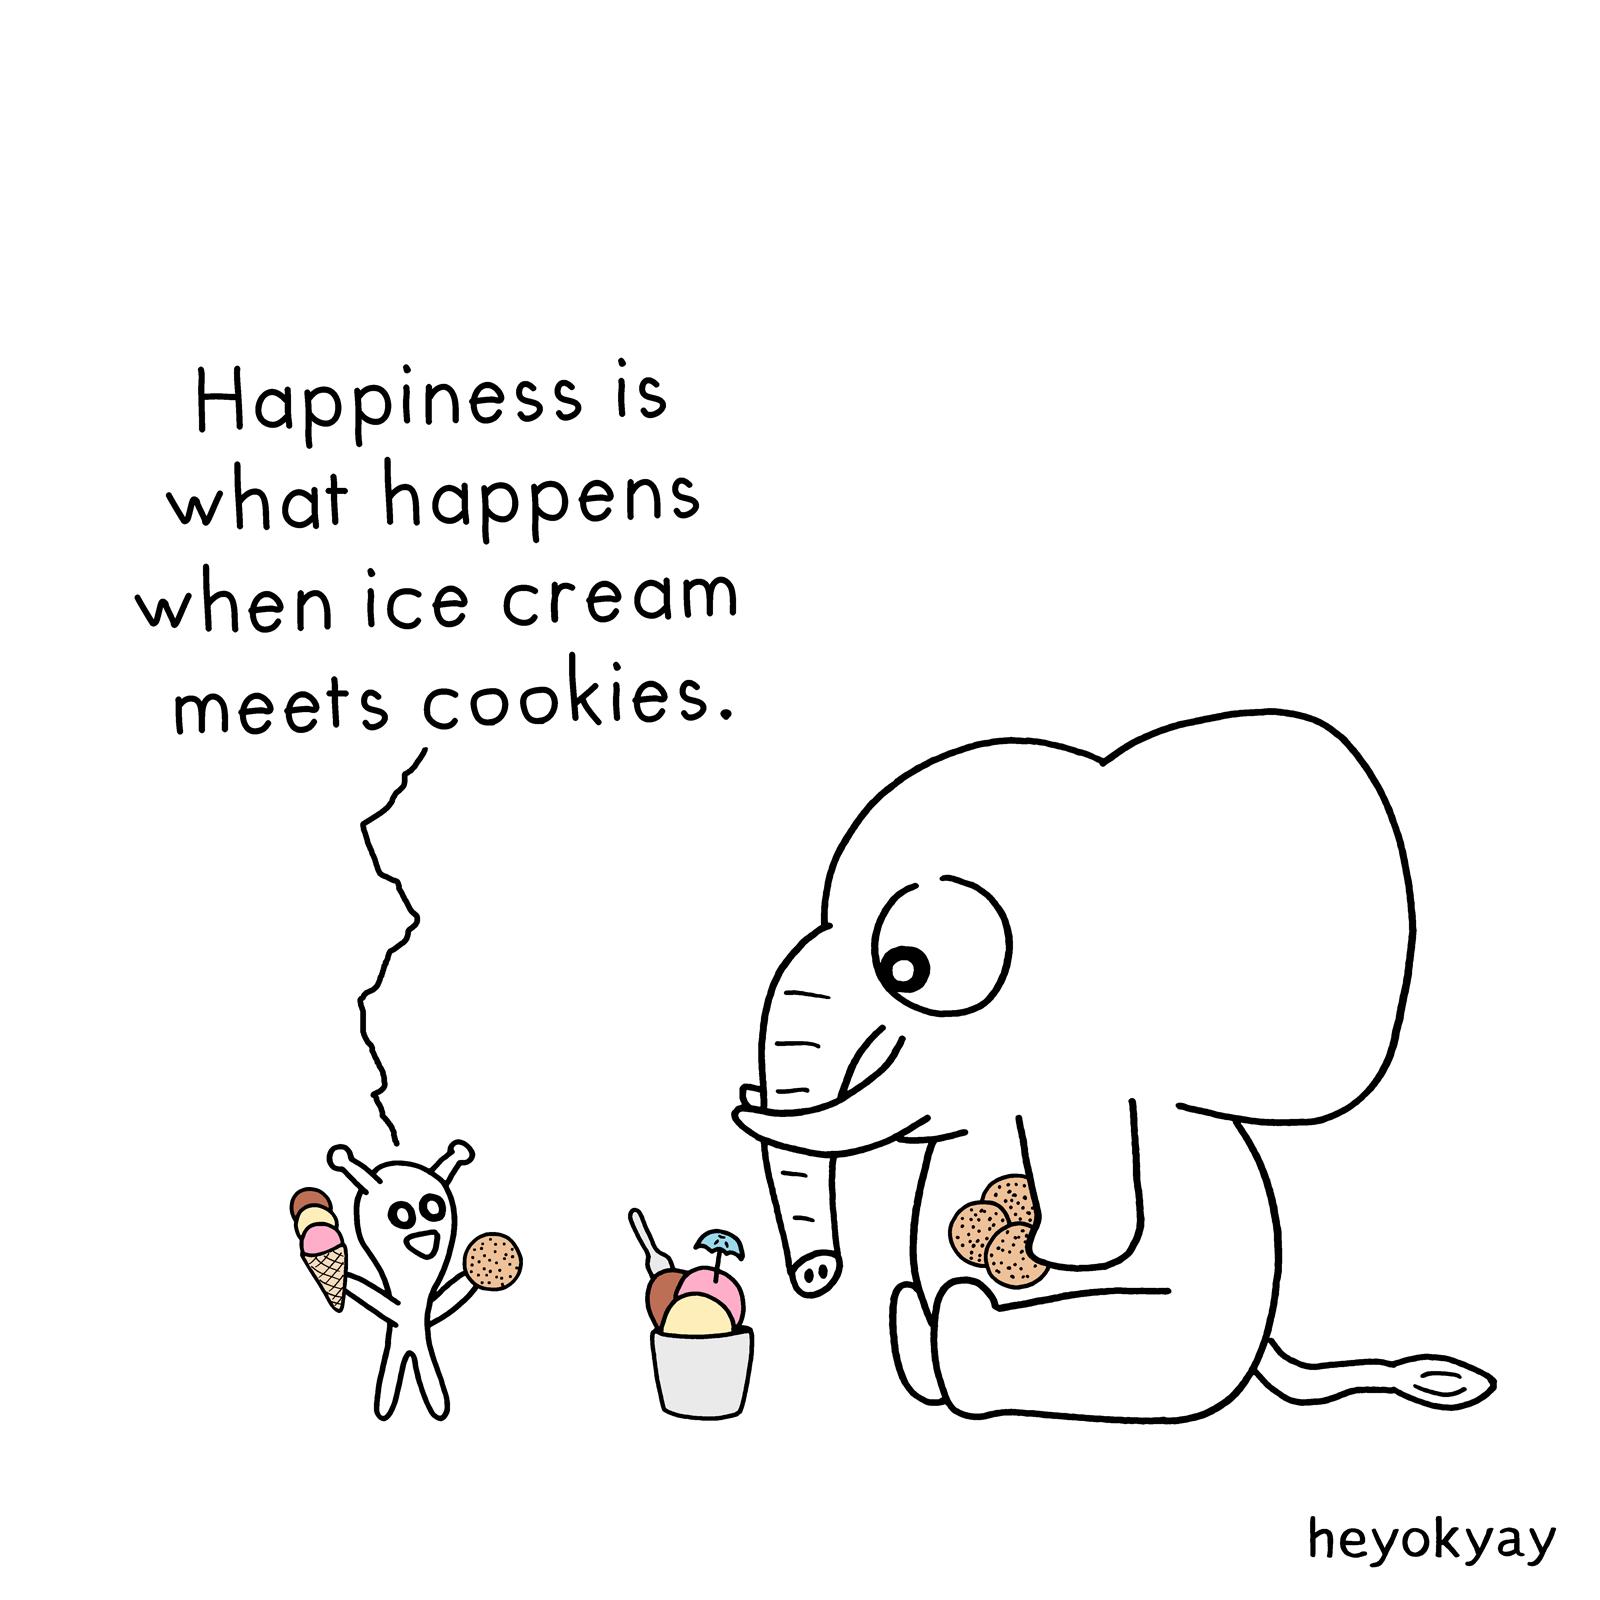 What Happens heyokyay comic